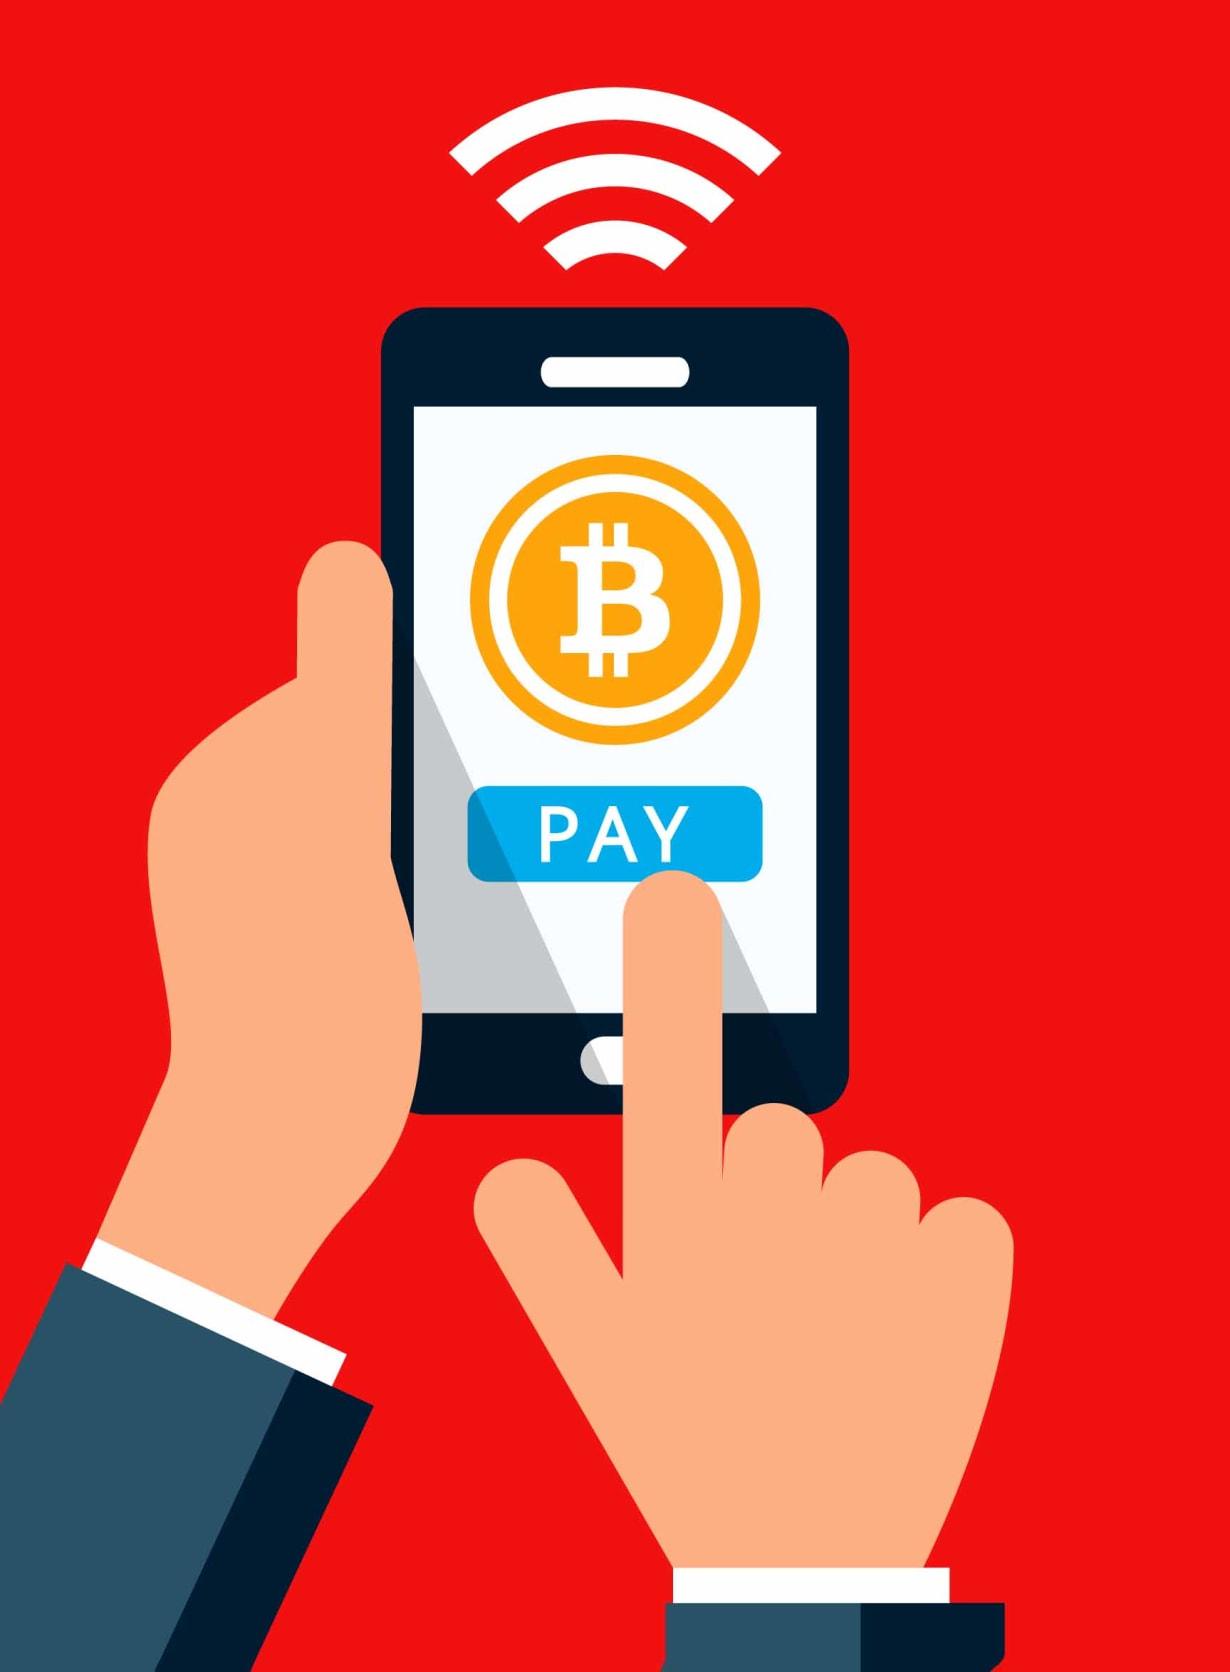 investită în bitcoin smart în această dimineață holly bitcoin